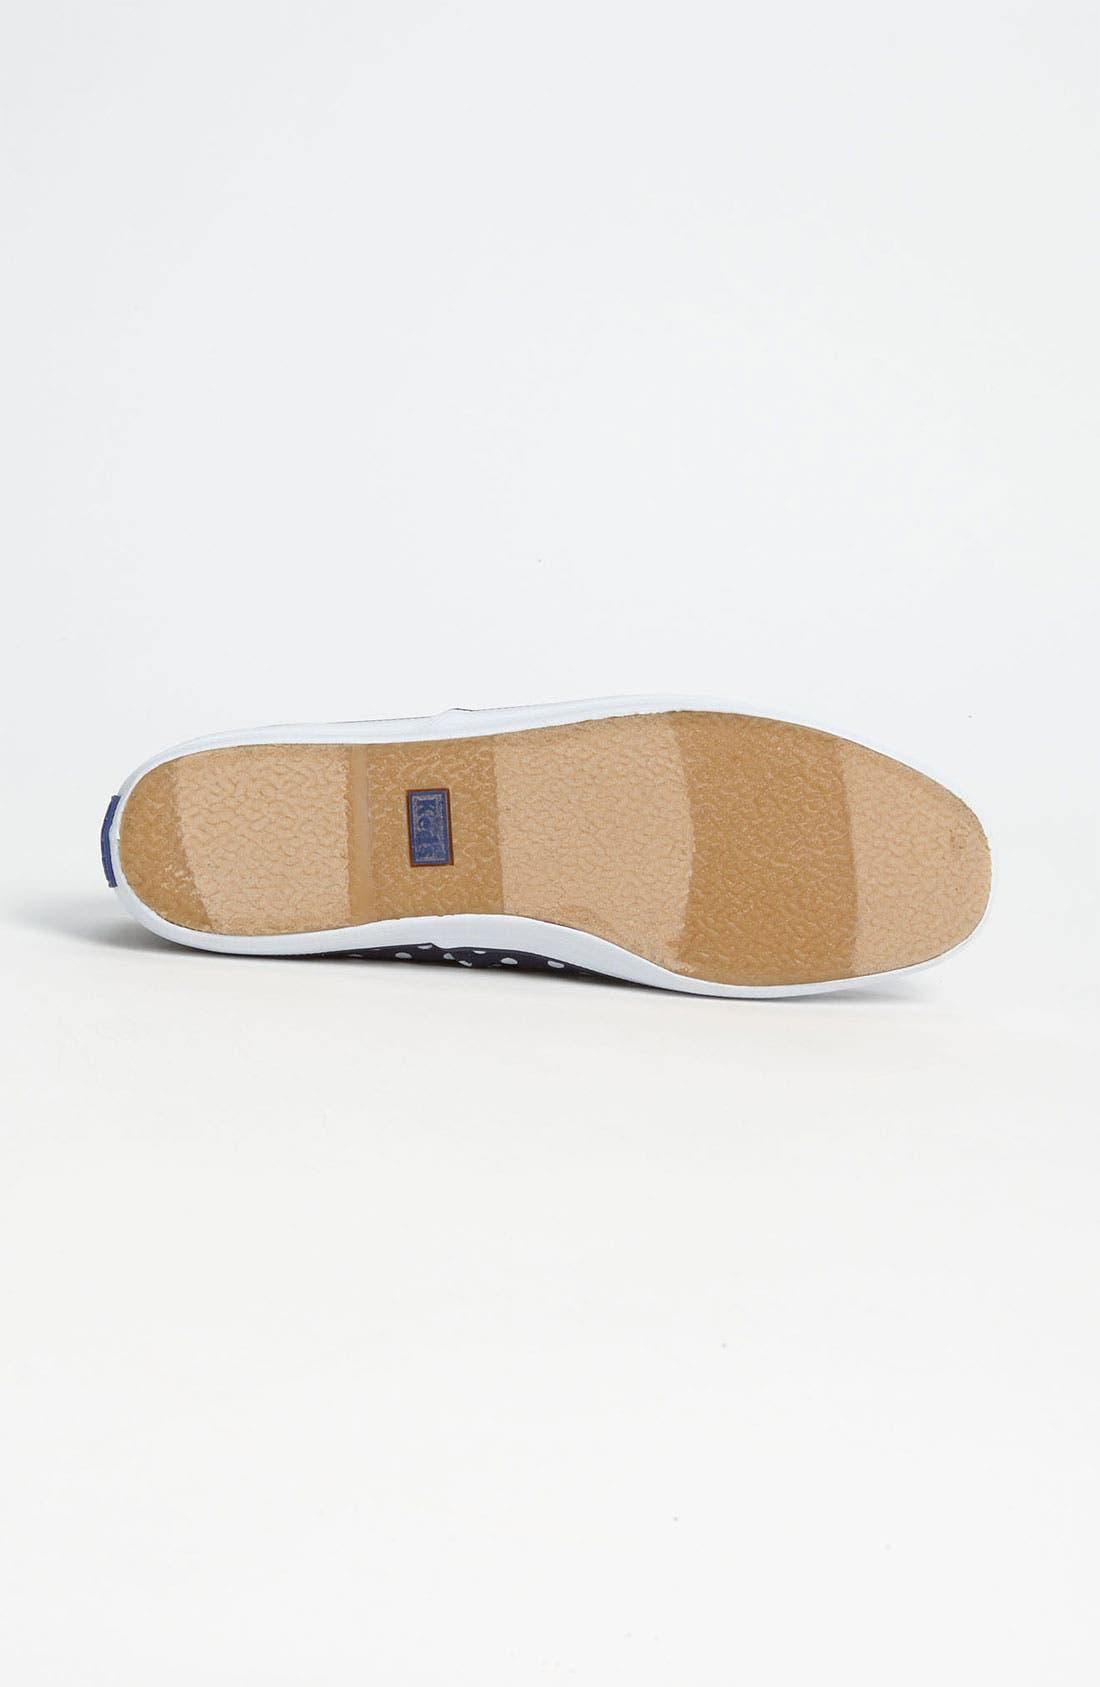 'Champion - Dot' Sneaker,                             Alternate thumbnail 4, color,                             Navy/ White